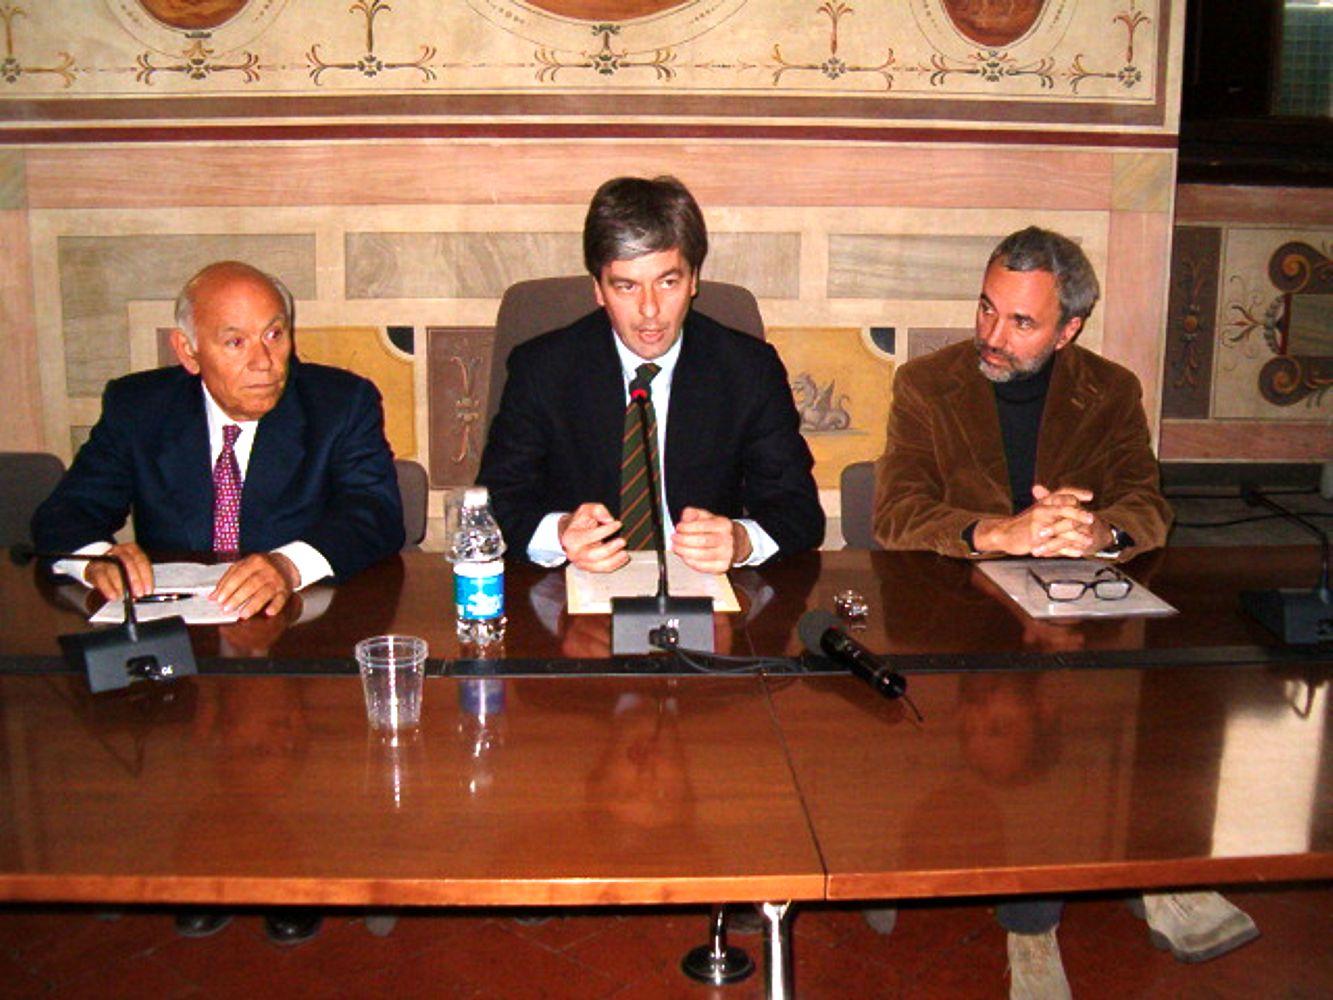 L'affaire Castello a una svolta: condannati in appello per corruzione Biagi, Ligresti e Casamonti.